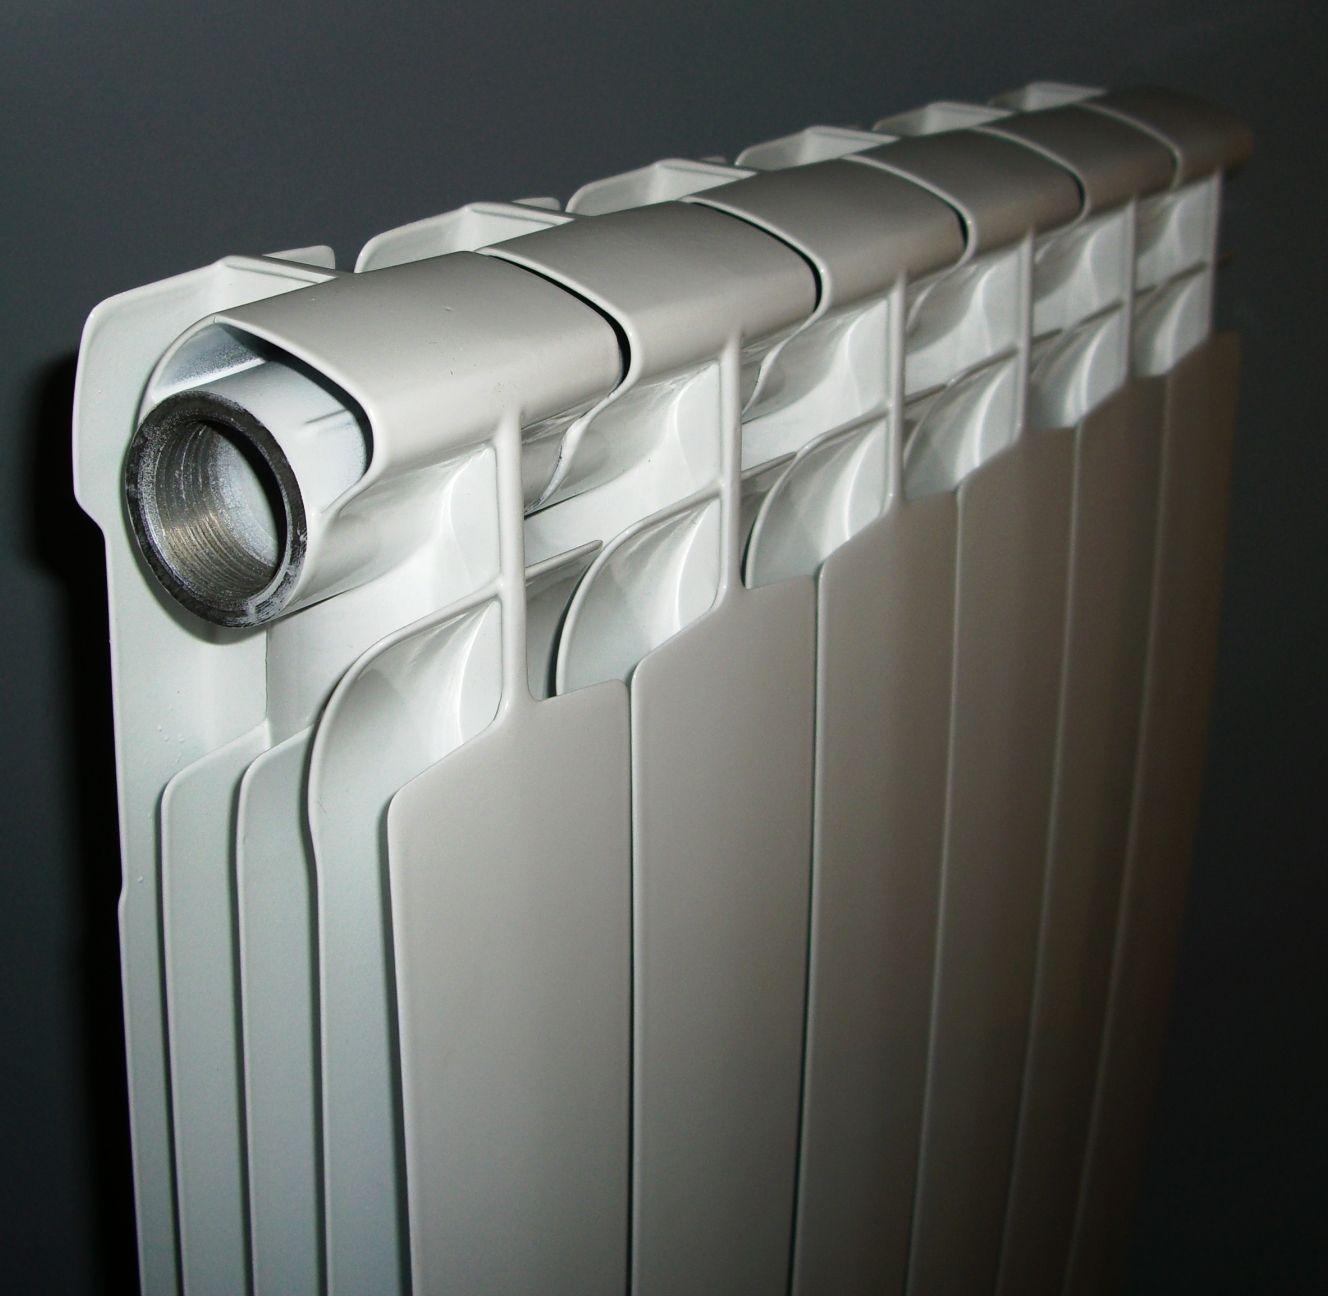 Тепло в наших подъездах: батареи и радиаторы